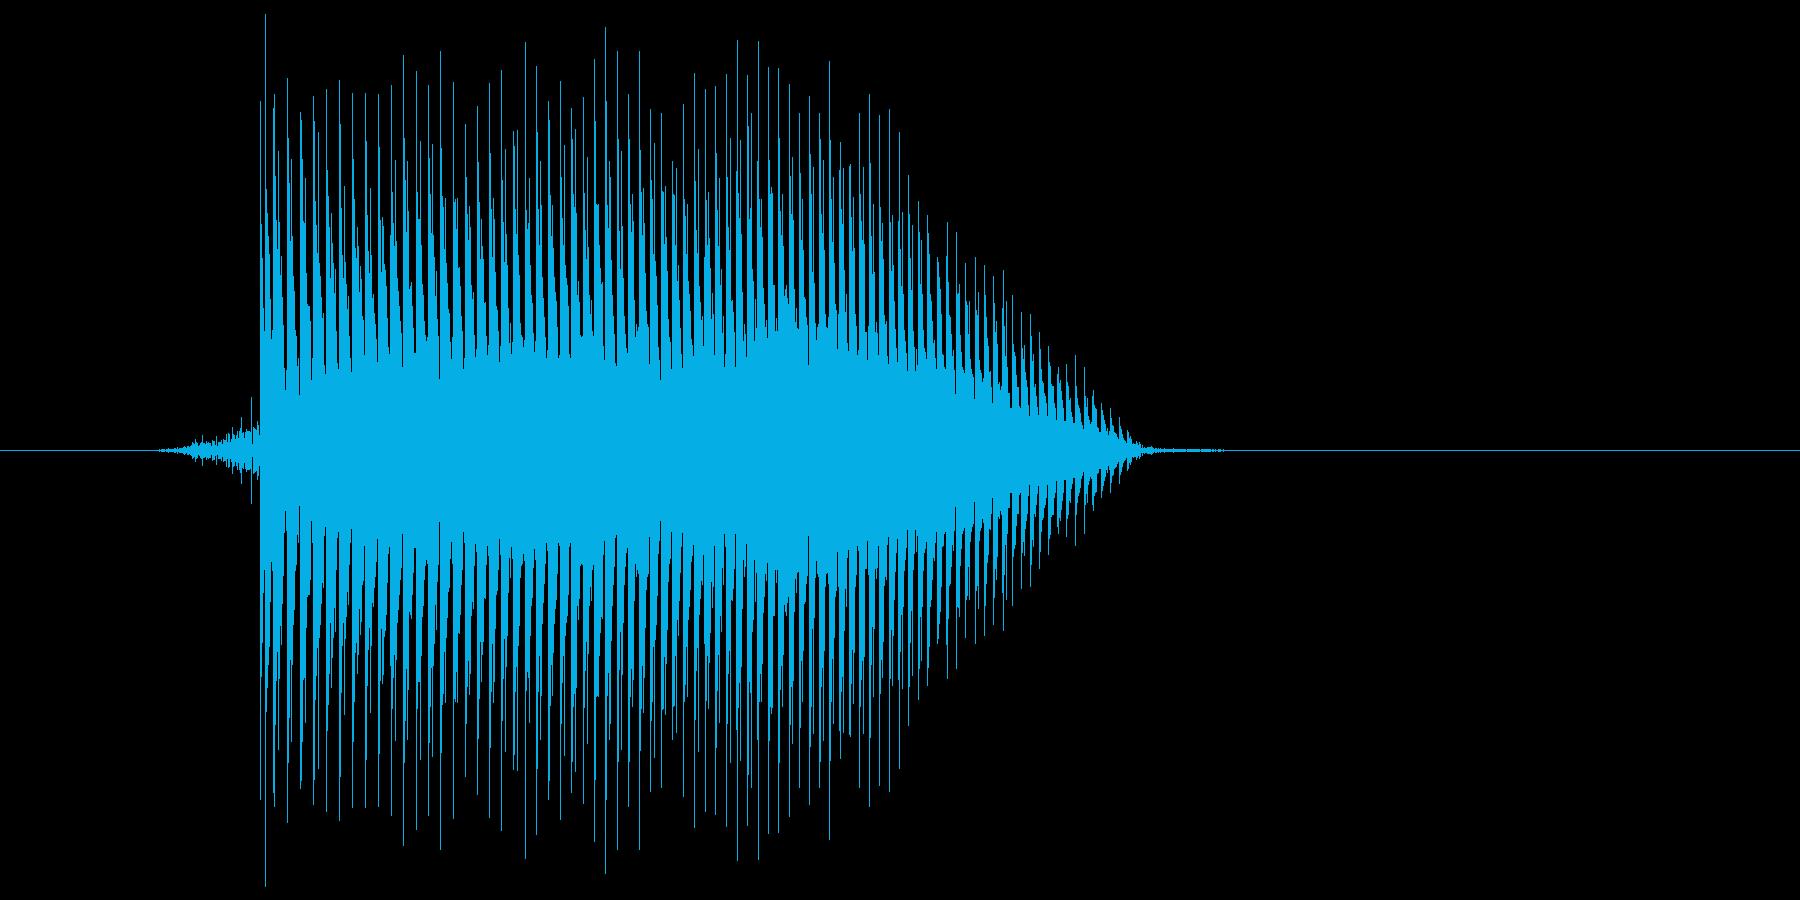 ゲーム(ファミコン風)ジャンプ音_027の再生済みの波形